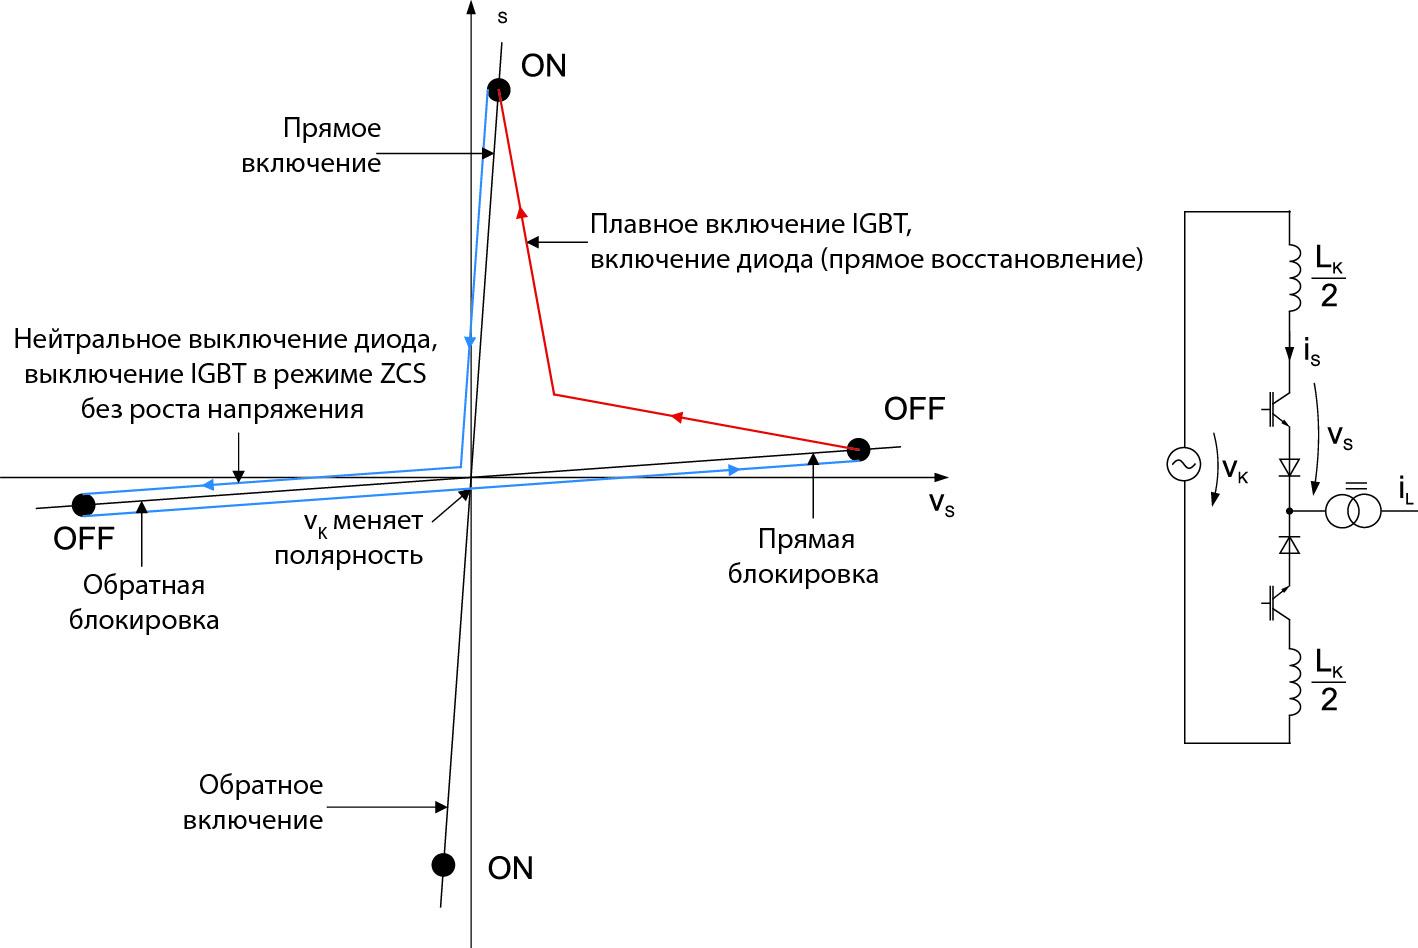 Рабочая характеристика при мягкой/резонансной коммутации тока и напряжения (ZСS)